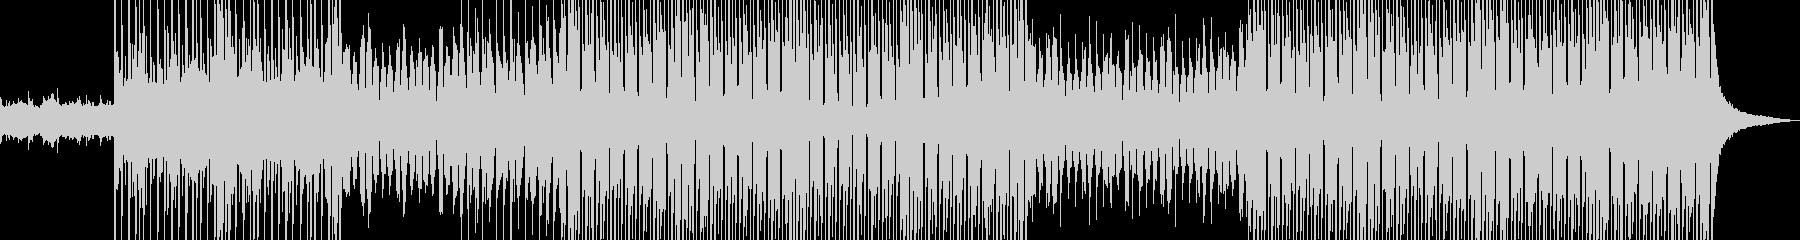 切ないメロディが印象的なポップスの未再生の波形